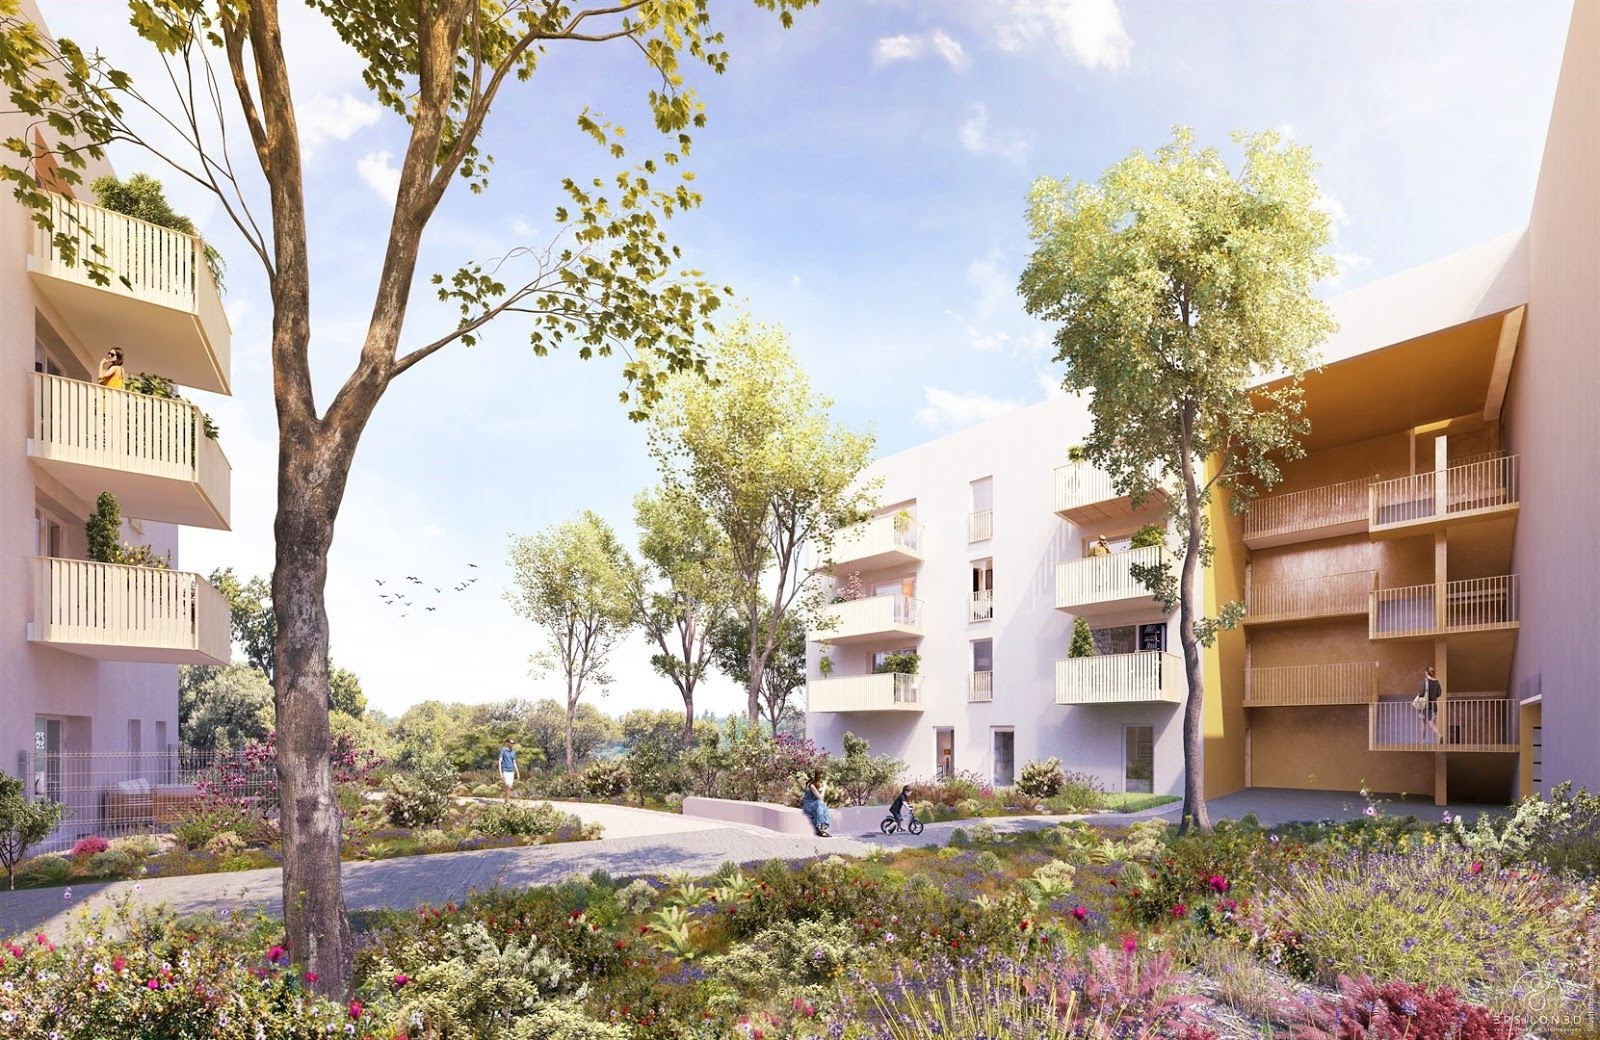 Programme immobilier Saint-Priest (69800) Environnement Verdoyant et Calme NEO4